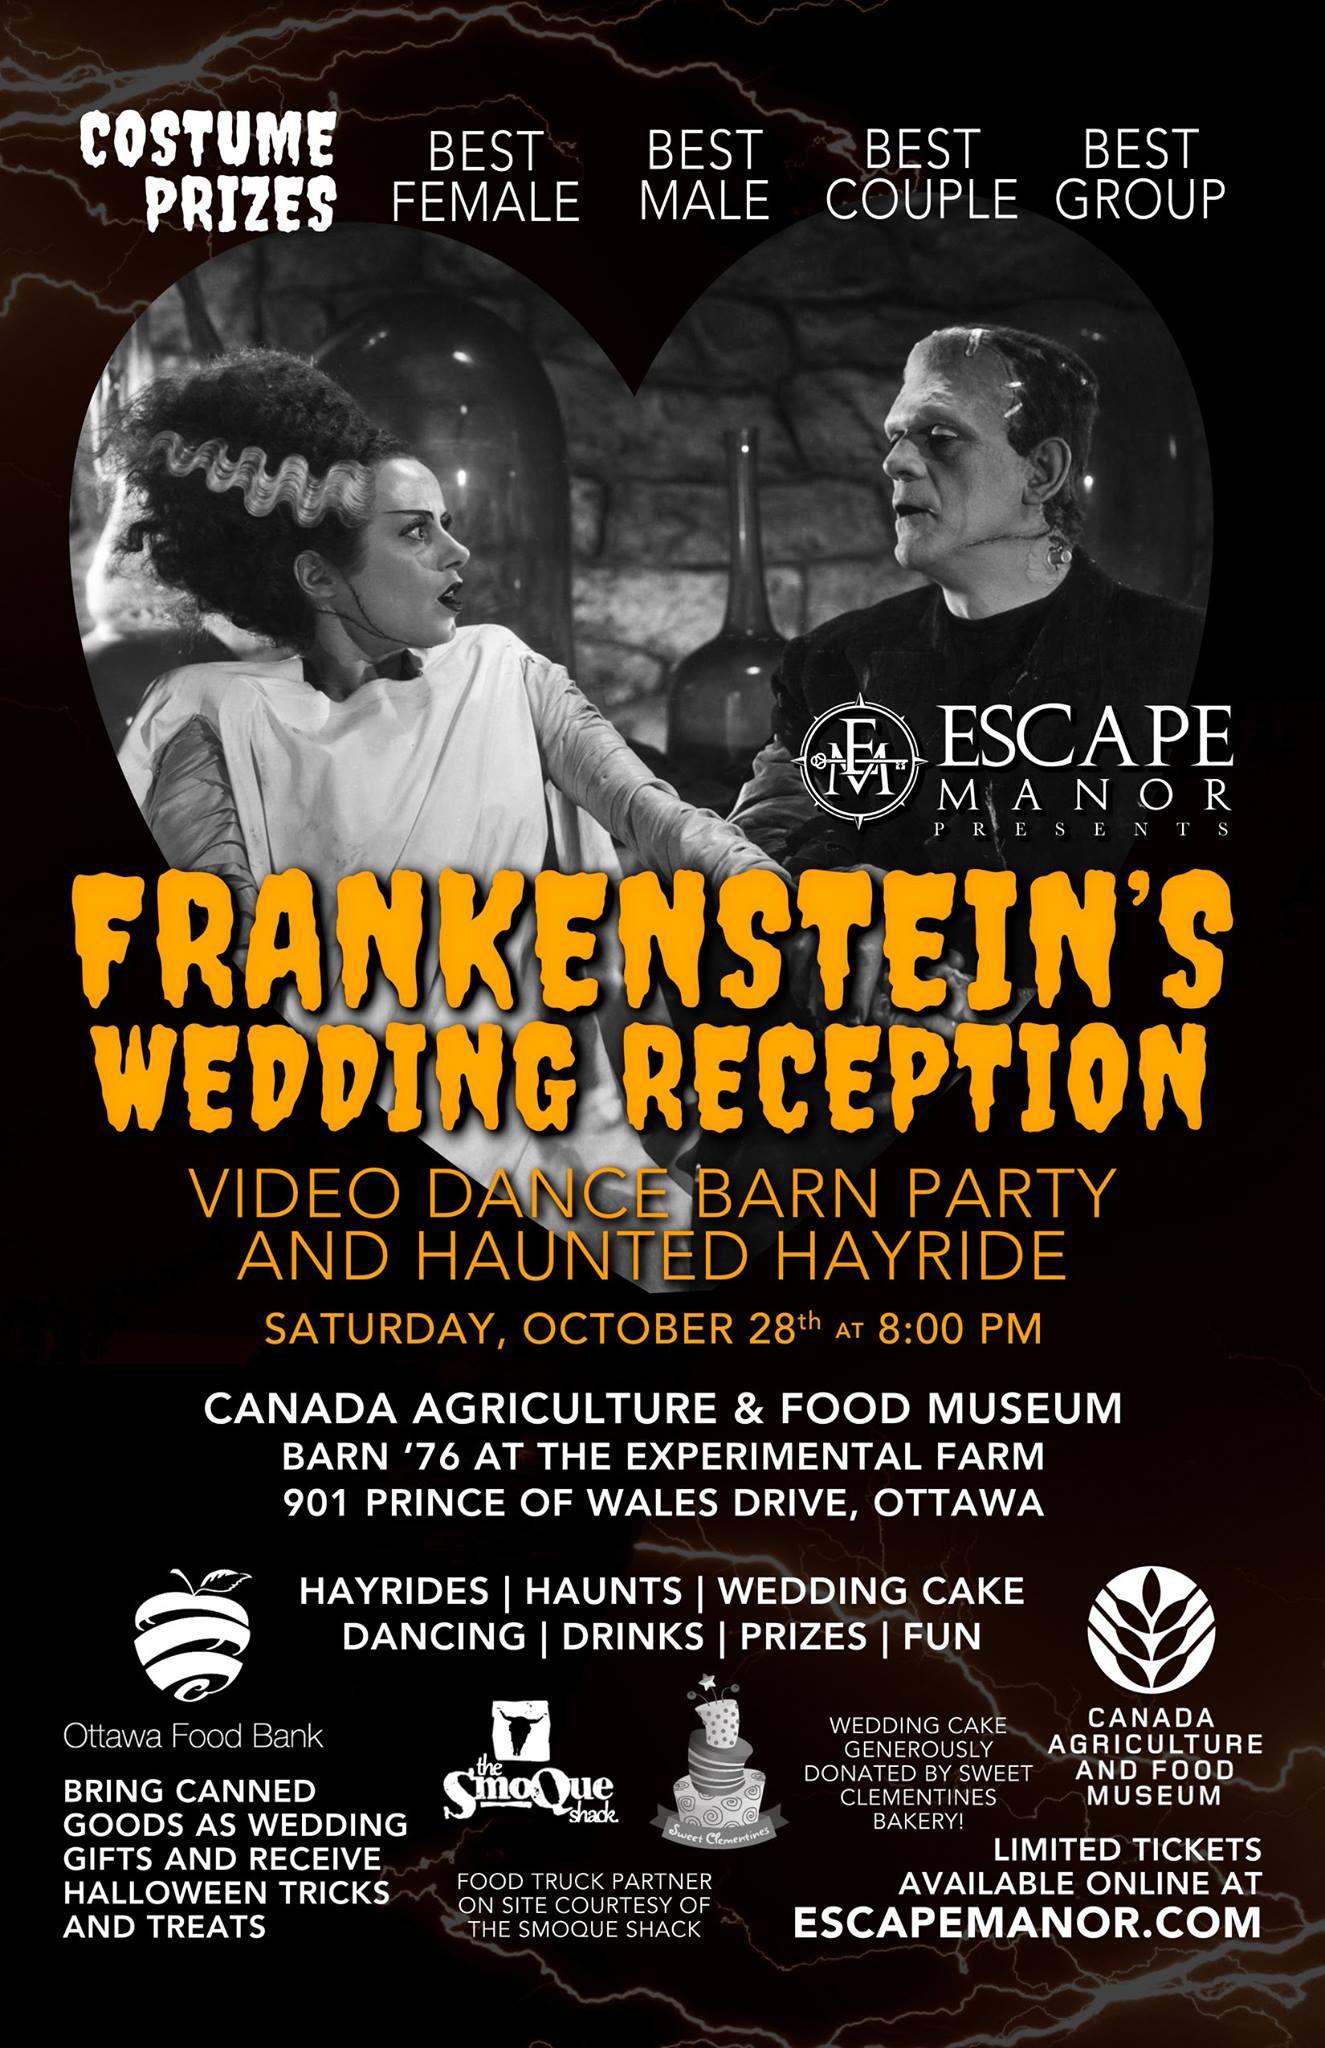 Frankenstein's Wedding Reception Poster